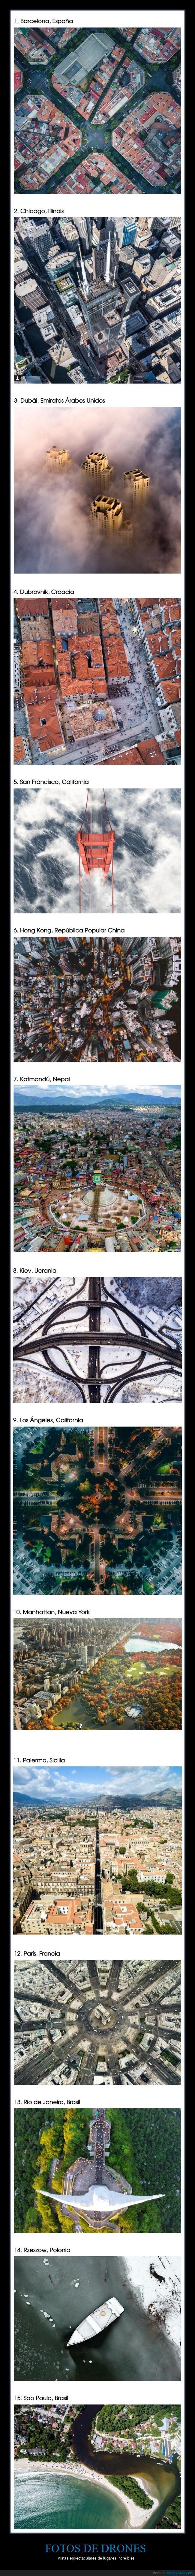 ciudades,drones,fotografías,lugares